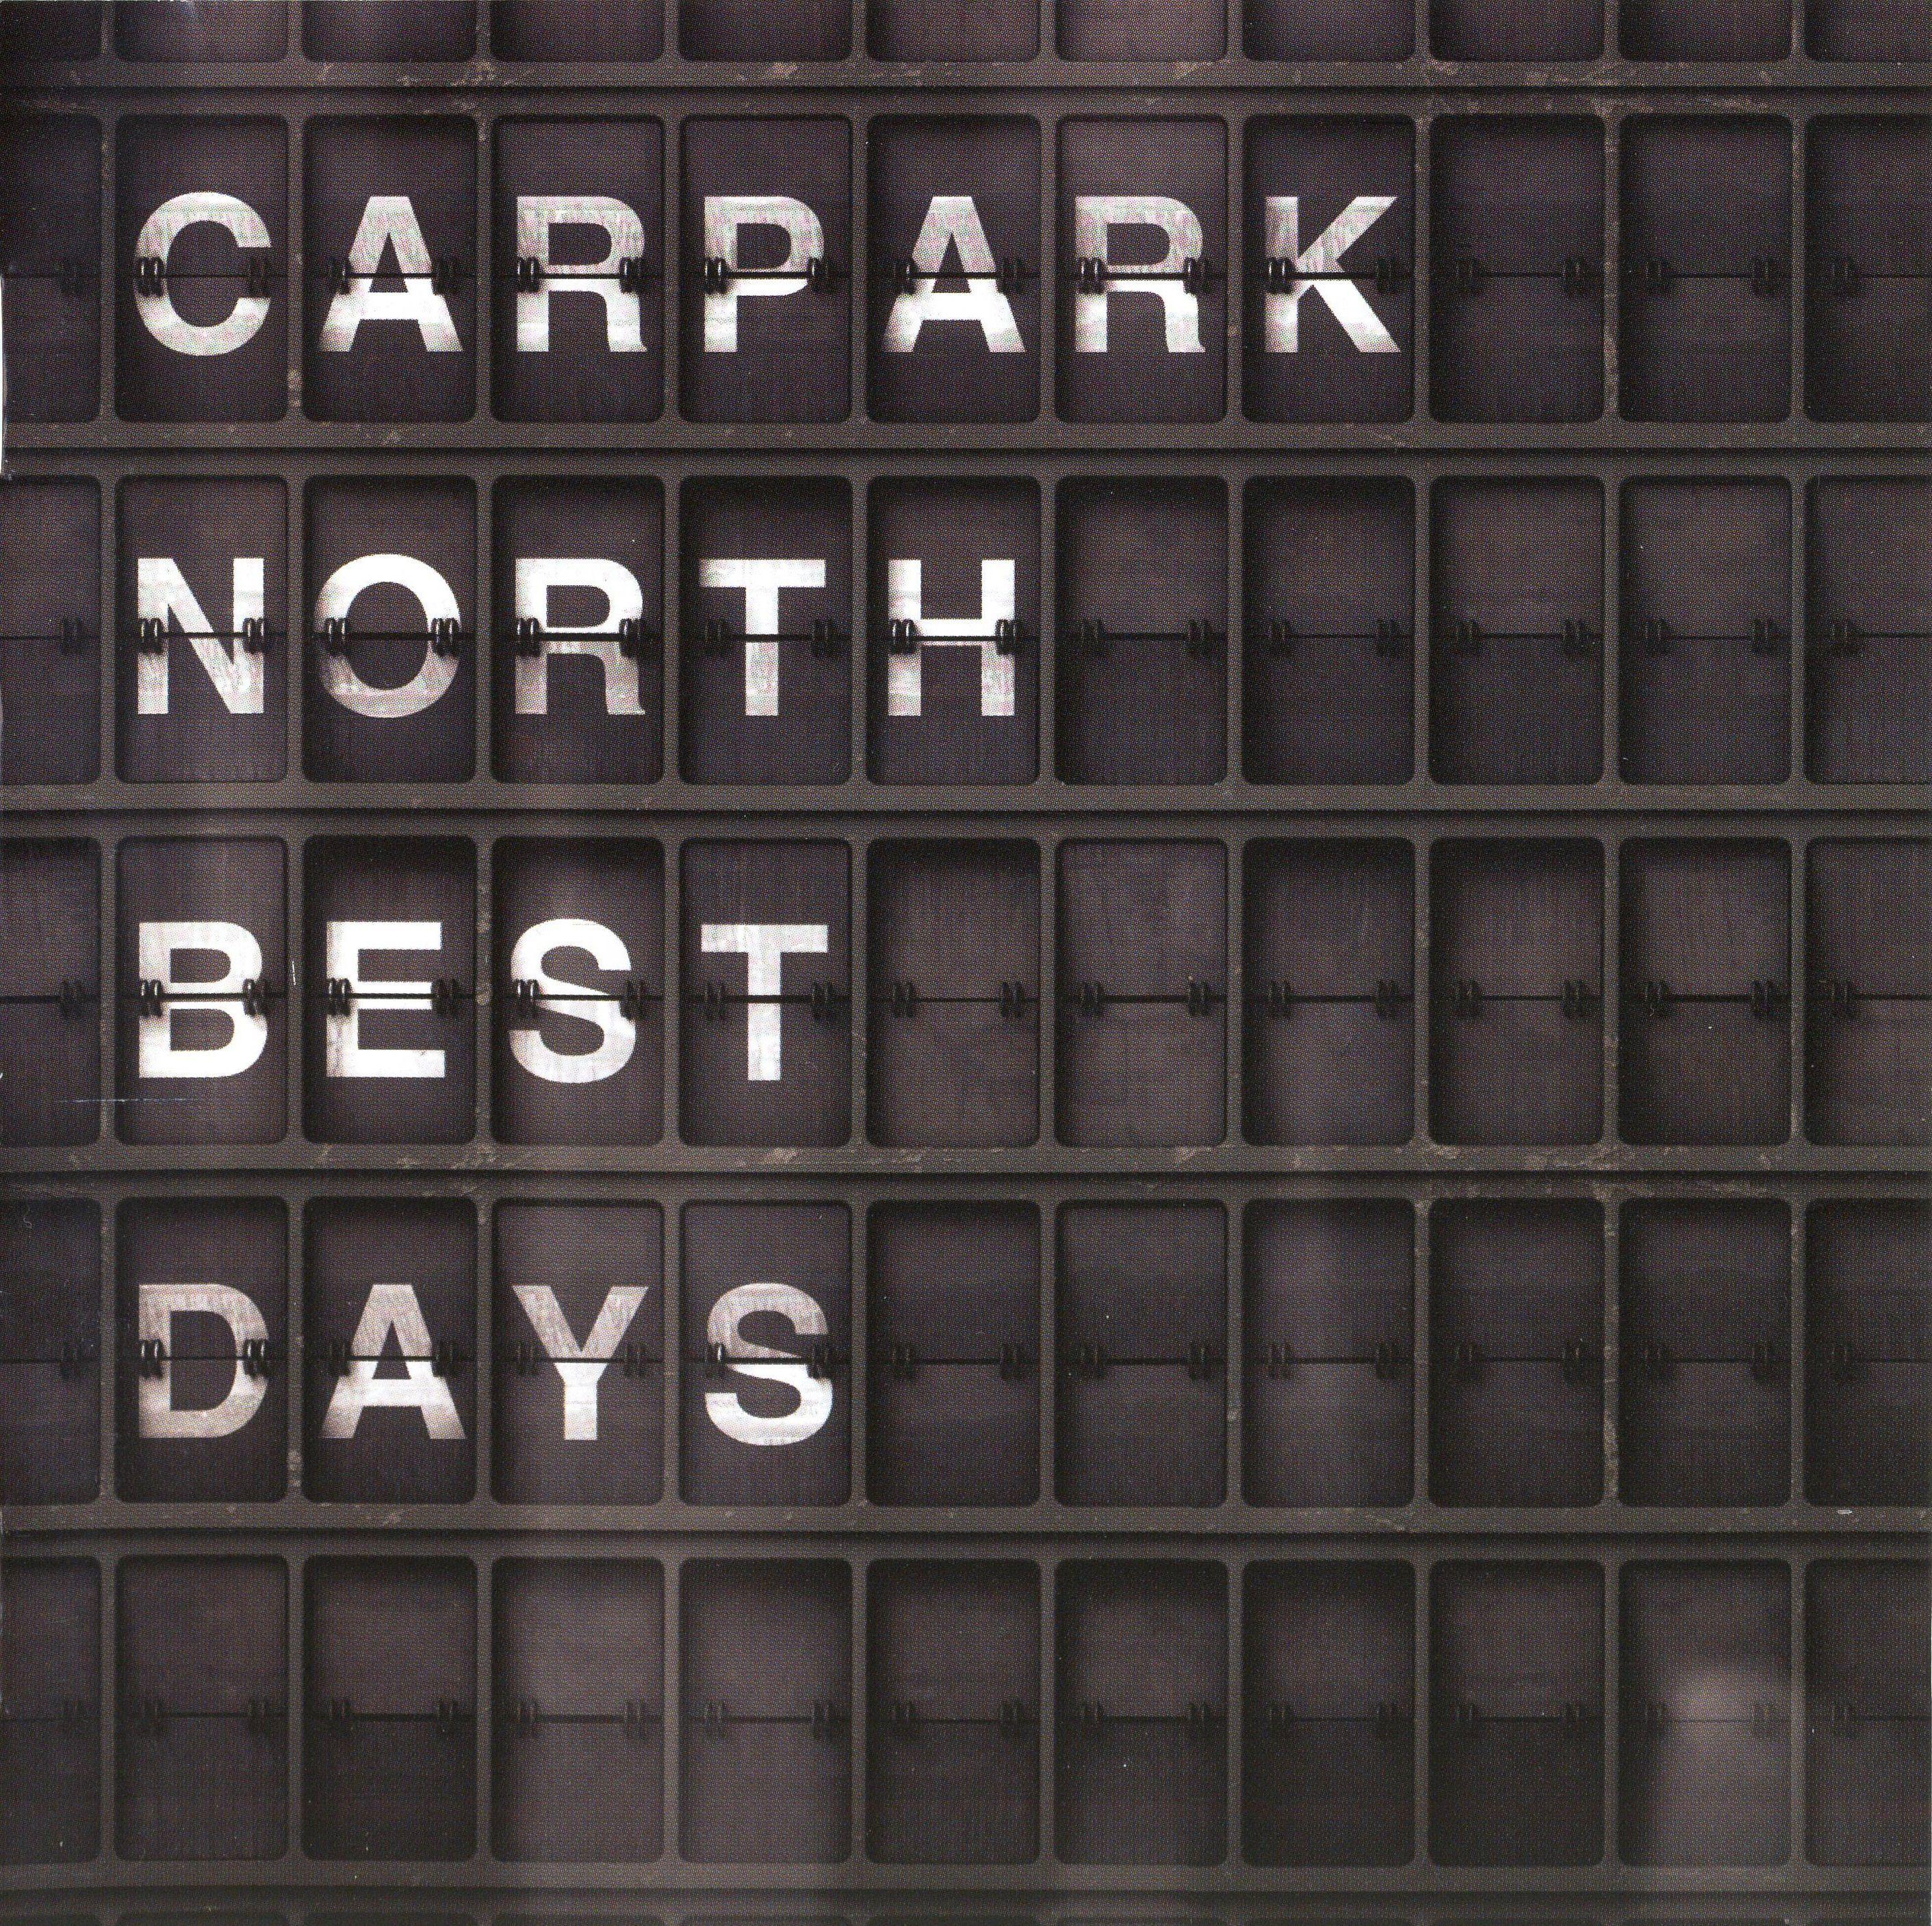 Carpark North - Best Days album cover